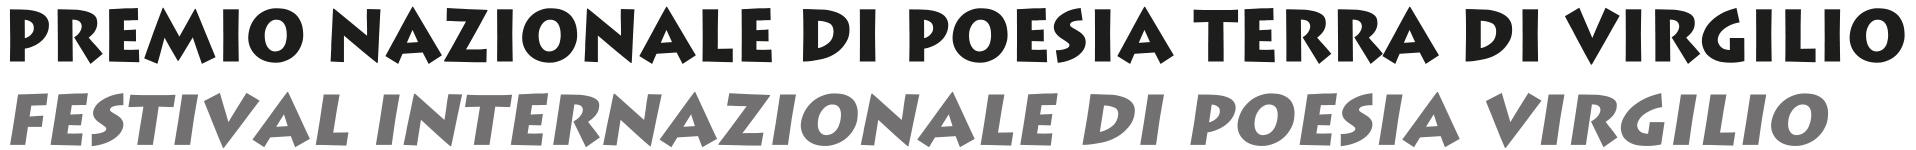 Premio Nazionale Poesia Terra di Virgilio